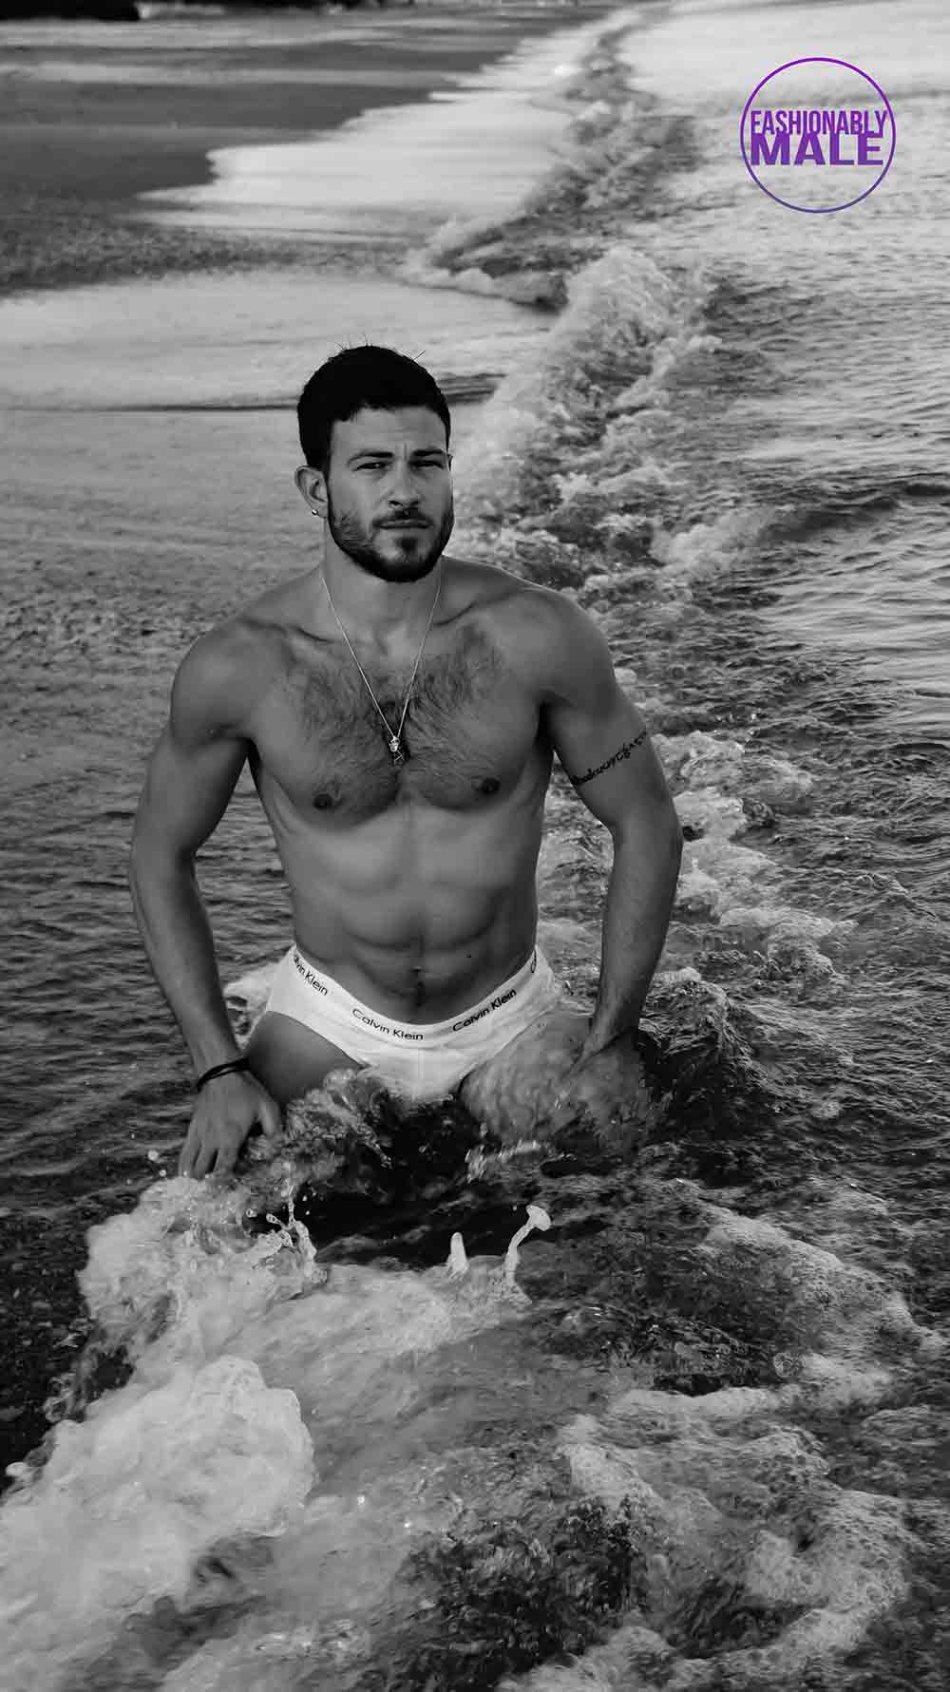 He's Your Man! Meet George Task by Raftopoulos Argiris